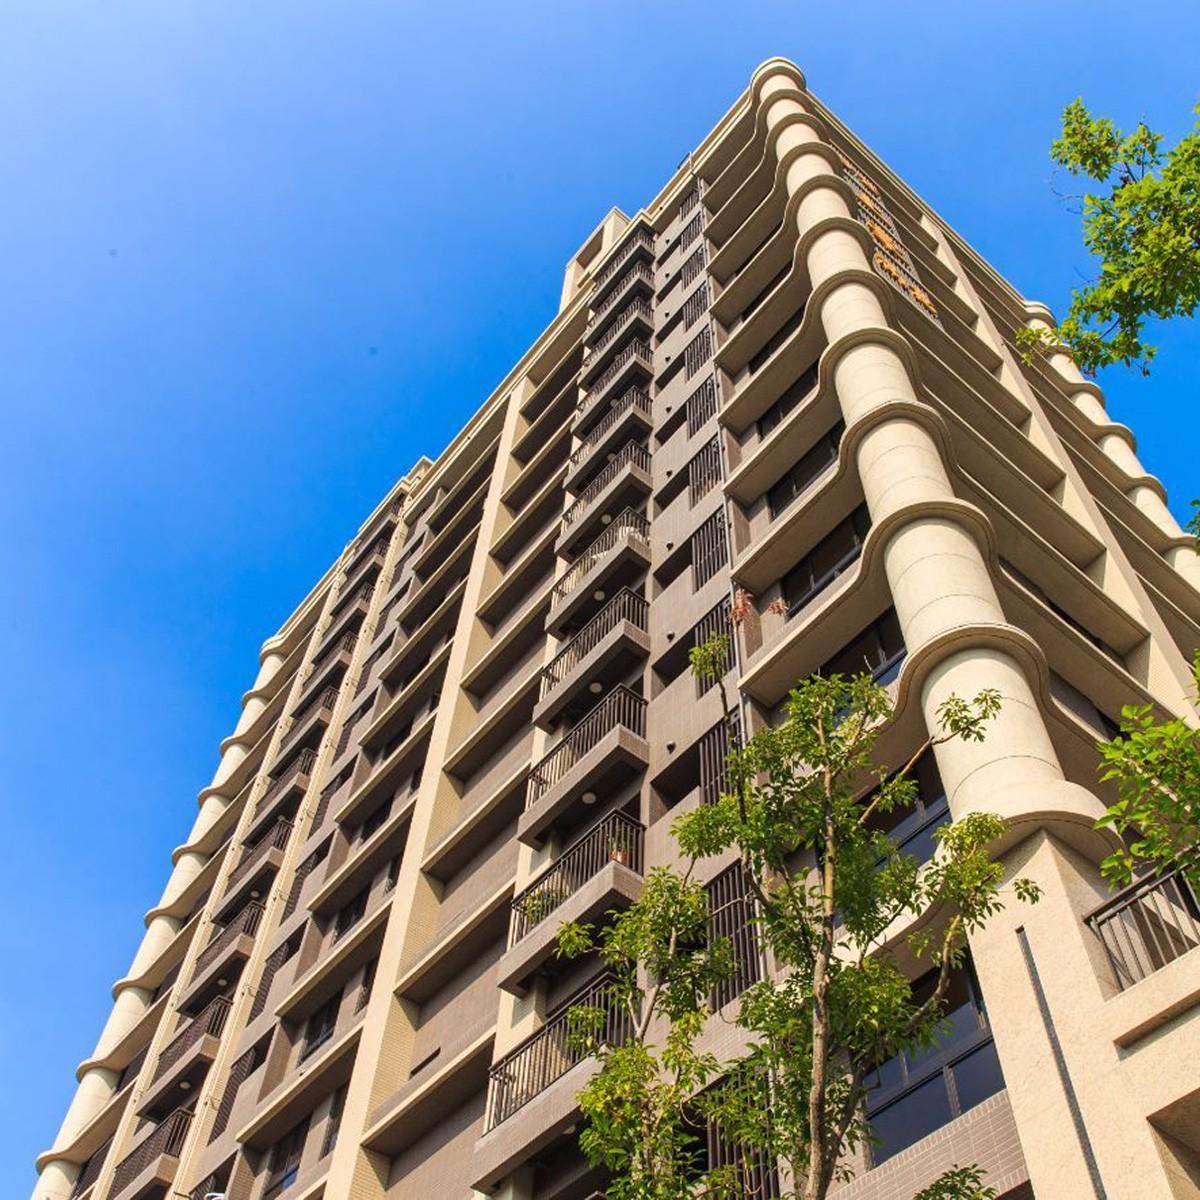 [泰山區] 合登上豪 ,1218萬起大2房附車位+裝潢,典藏3席,完銷倒數,入住泰山核心區